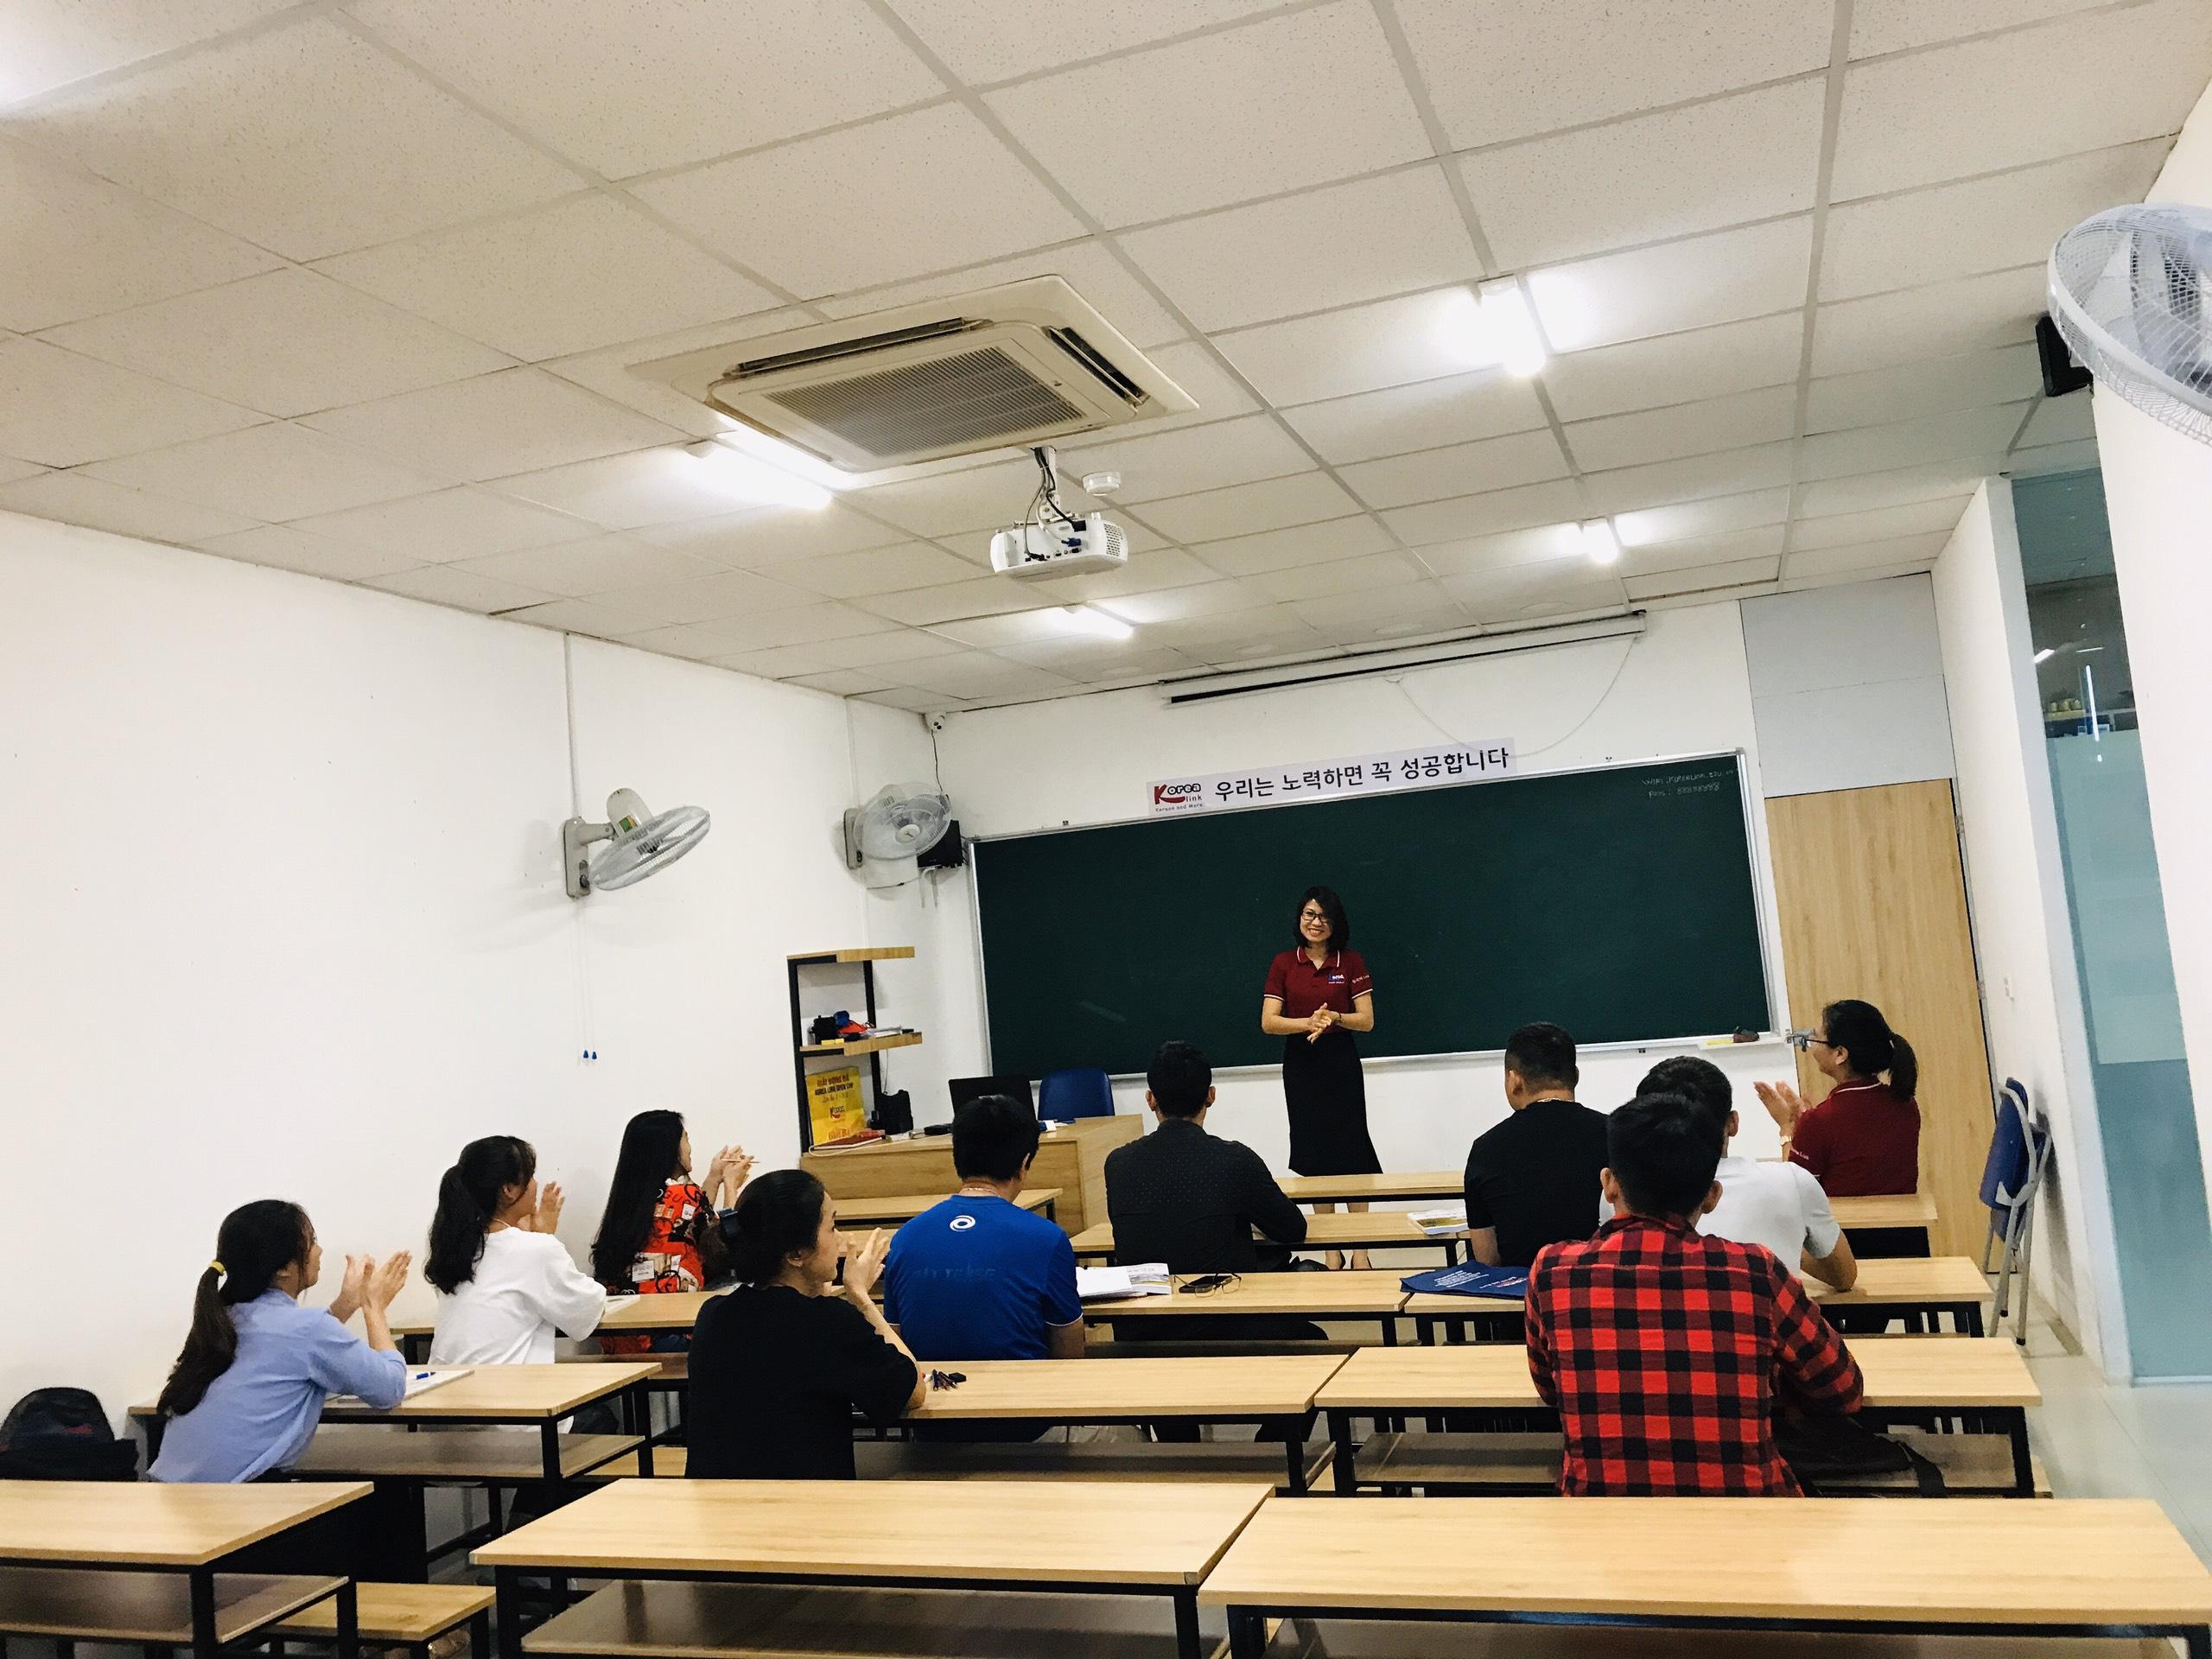 Khai giảng khóa học tiếng Hàn ngày 21/09/2020